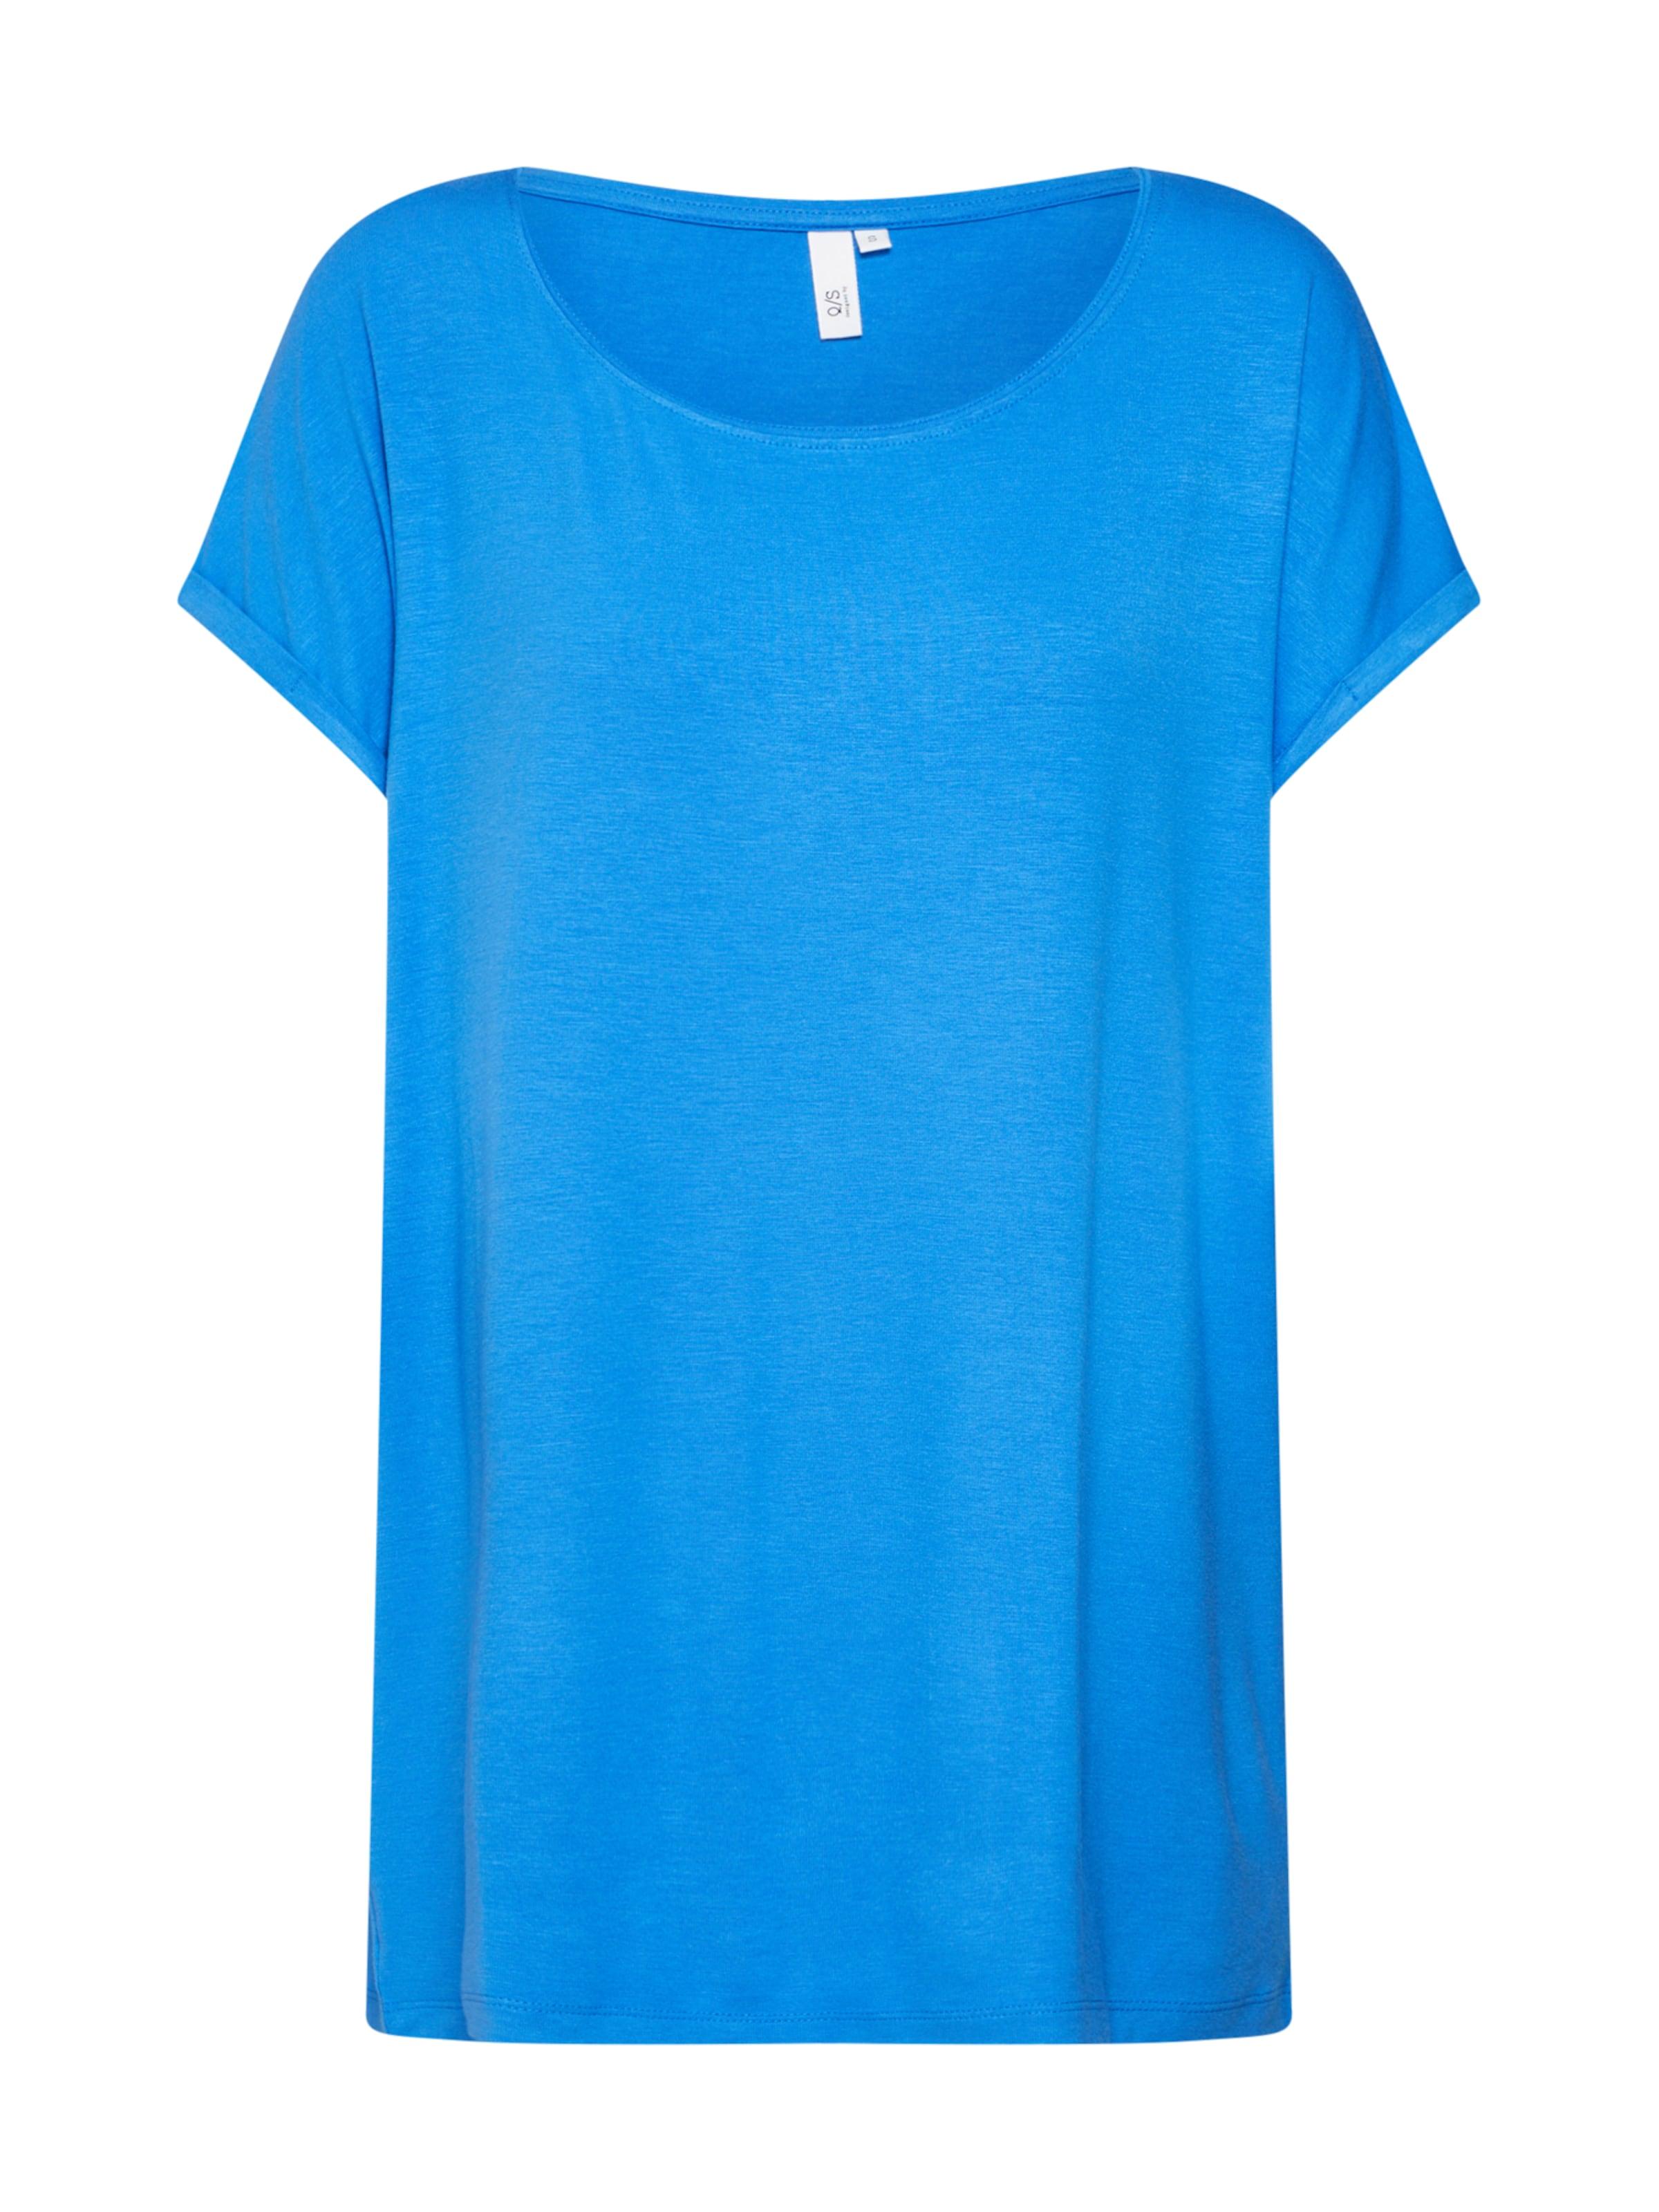 s In By shirt Designed T Royalblau Q PXZTuiOk